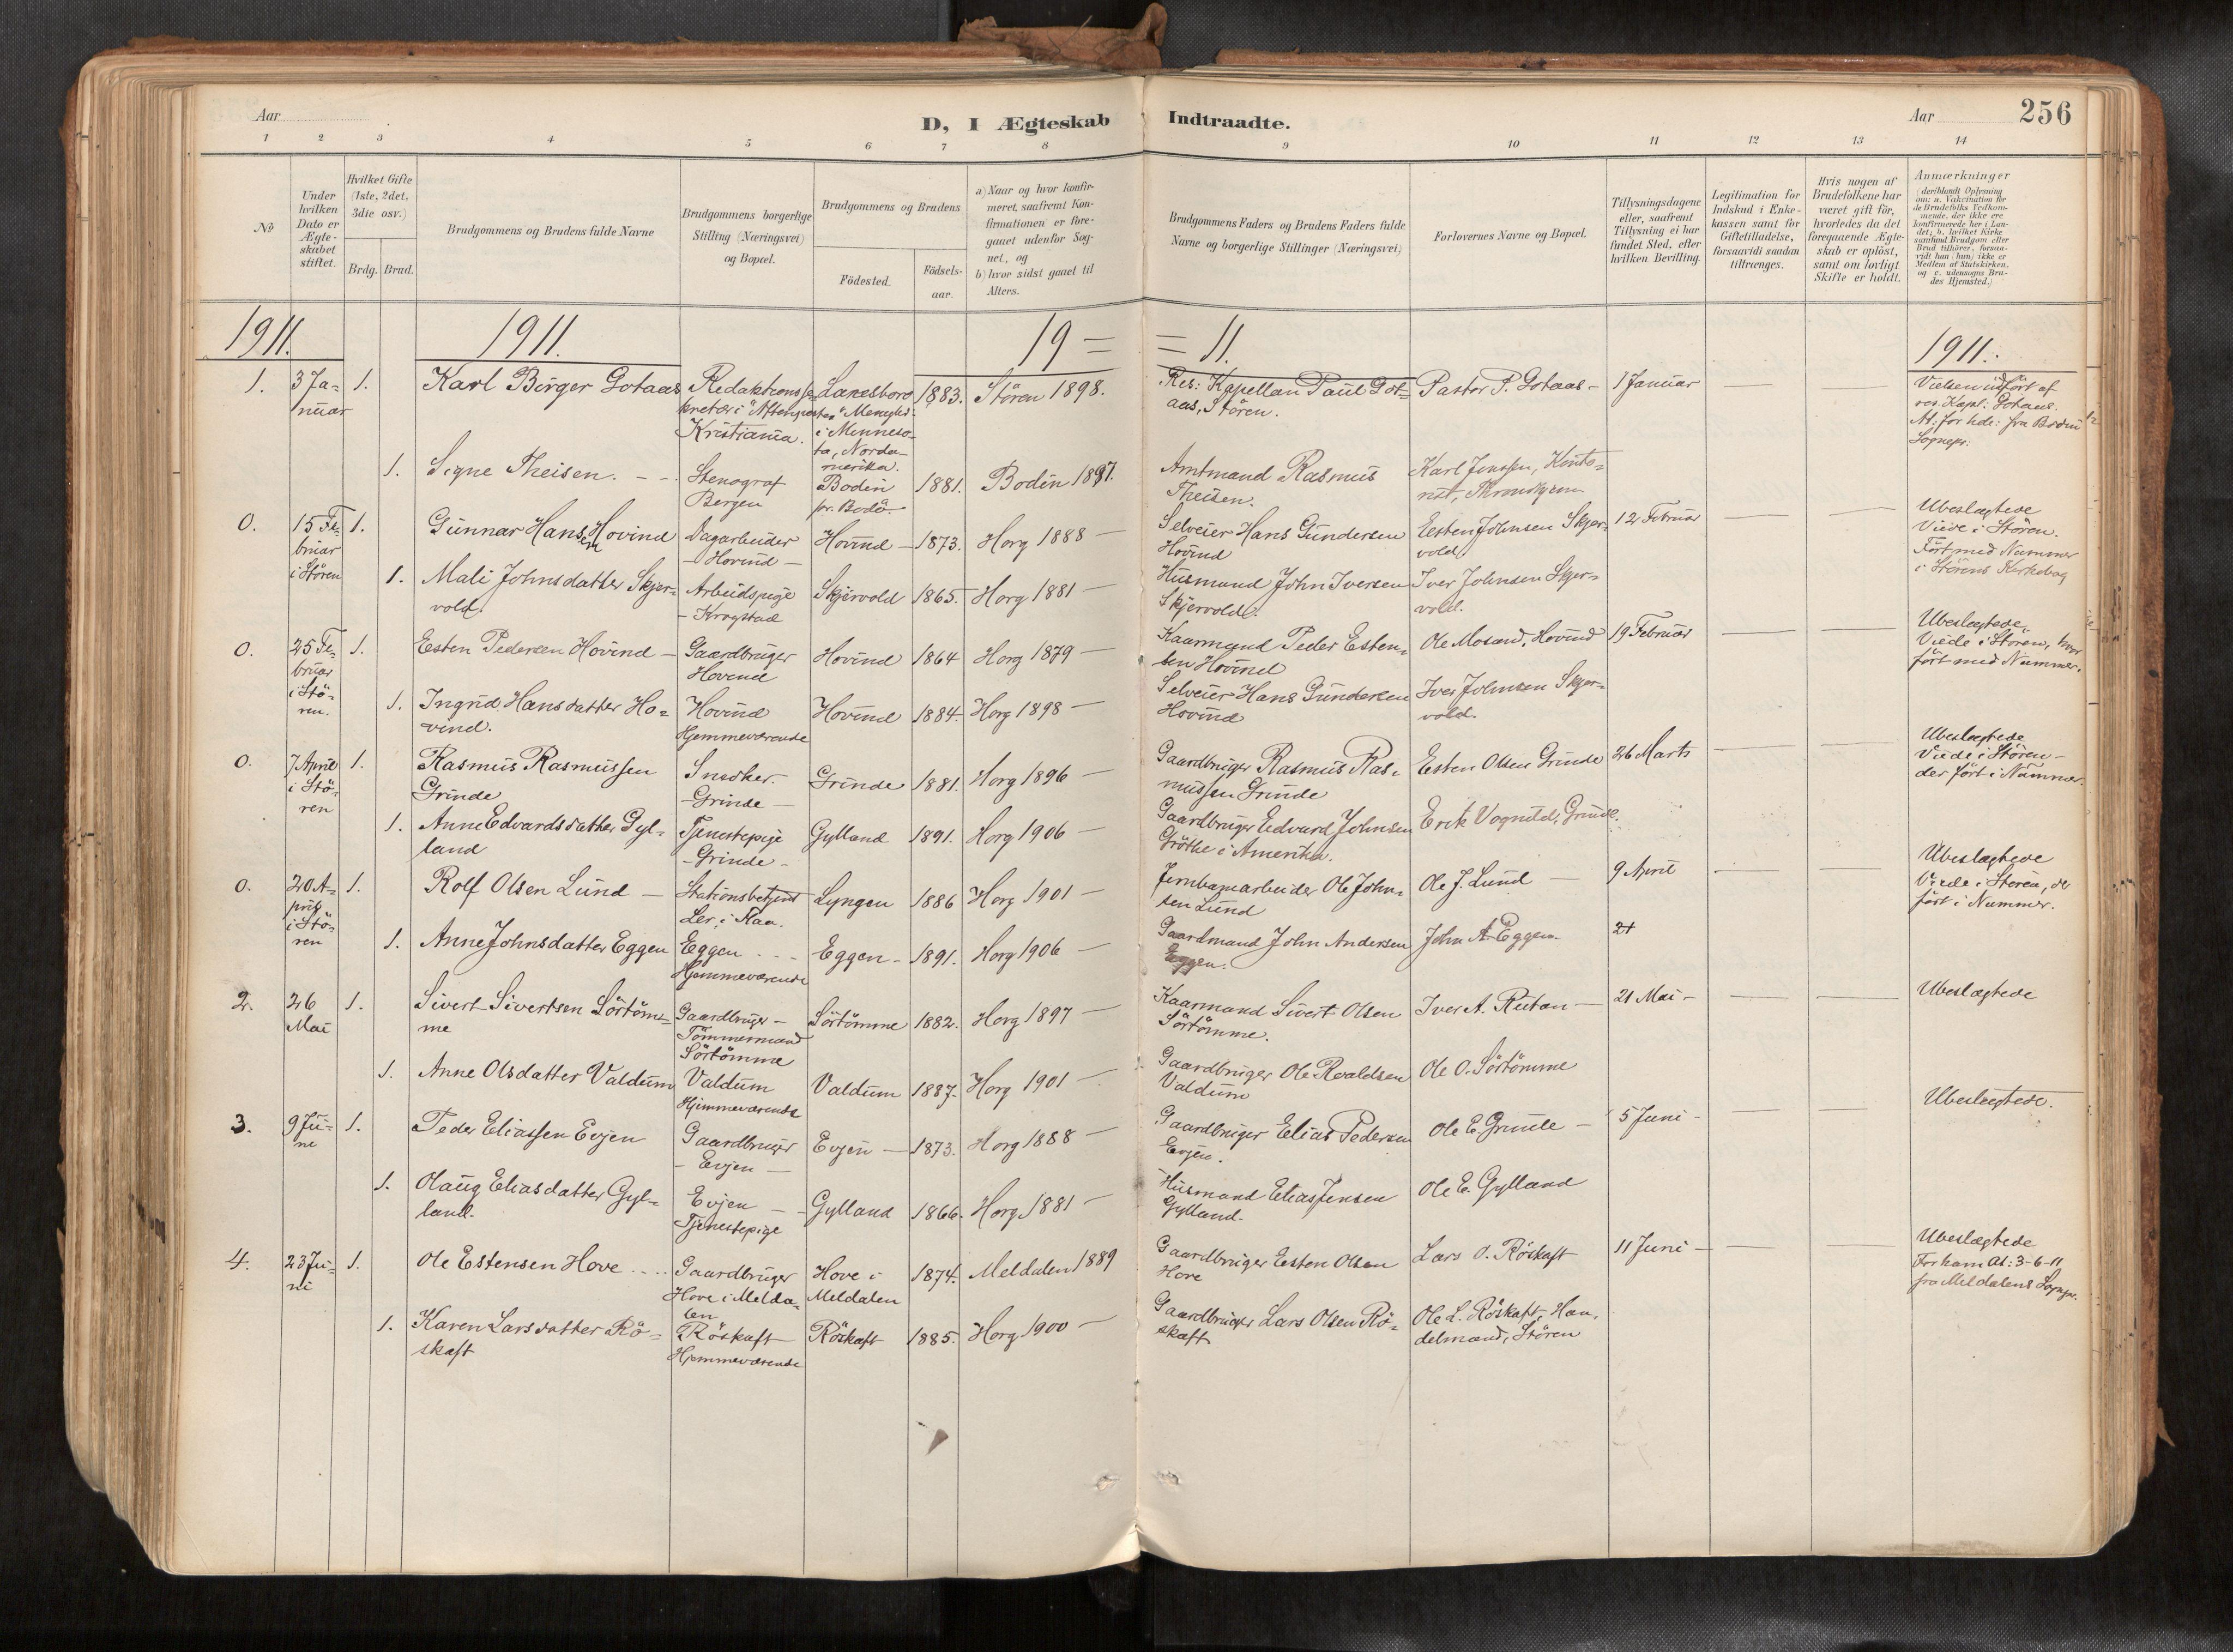 SAT, Ministerialprotokoller, klokkerbøker og fødselsregistre - Sør-Trøndelag, 692/L1105b: Ministerialbok nr. 692A06, 1891-1934, s. 256